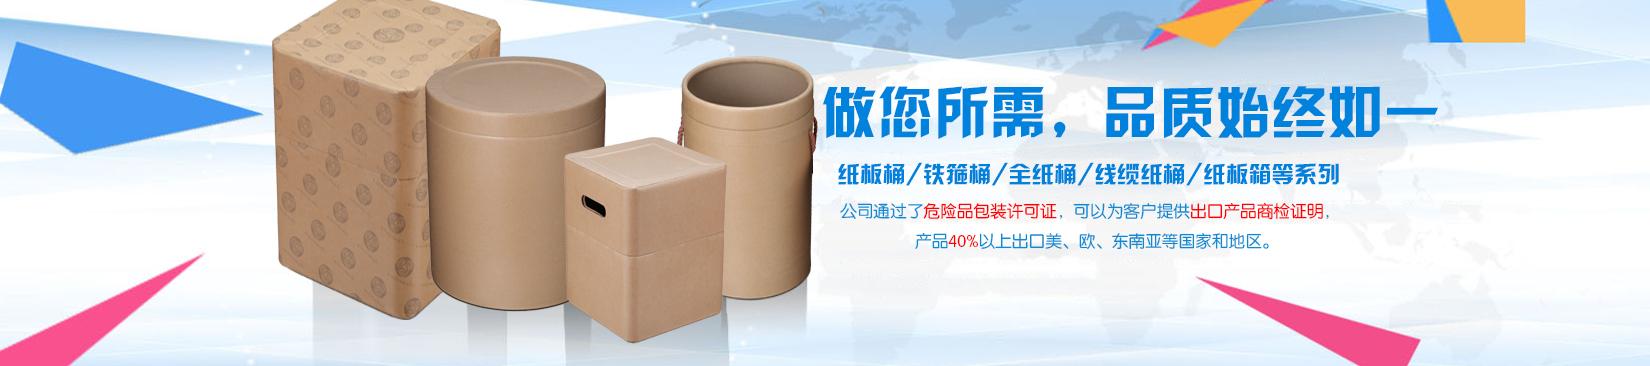 热熔胶纸桶